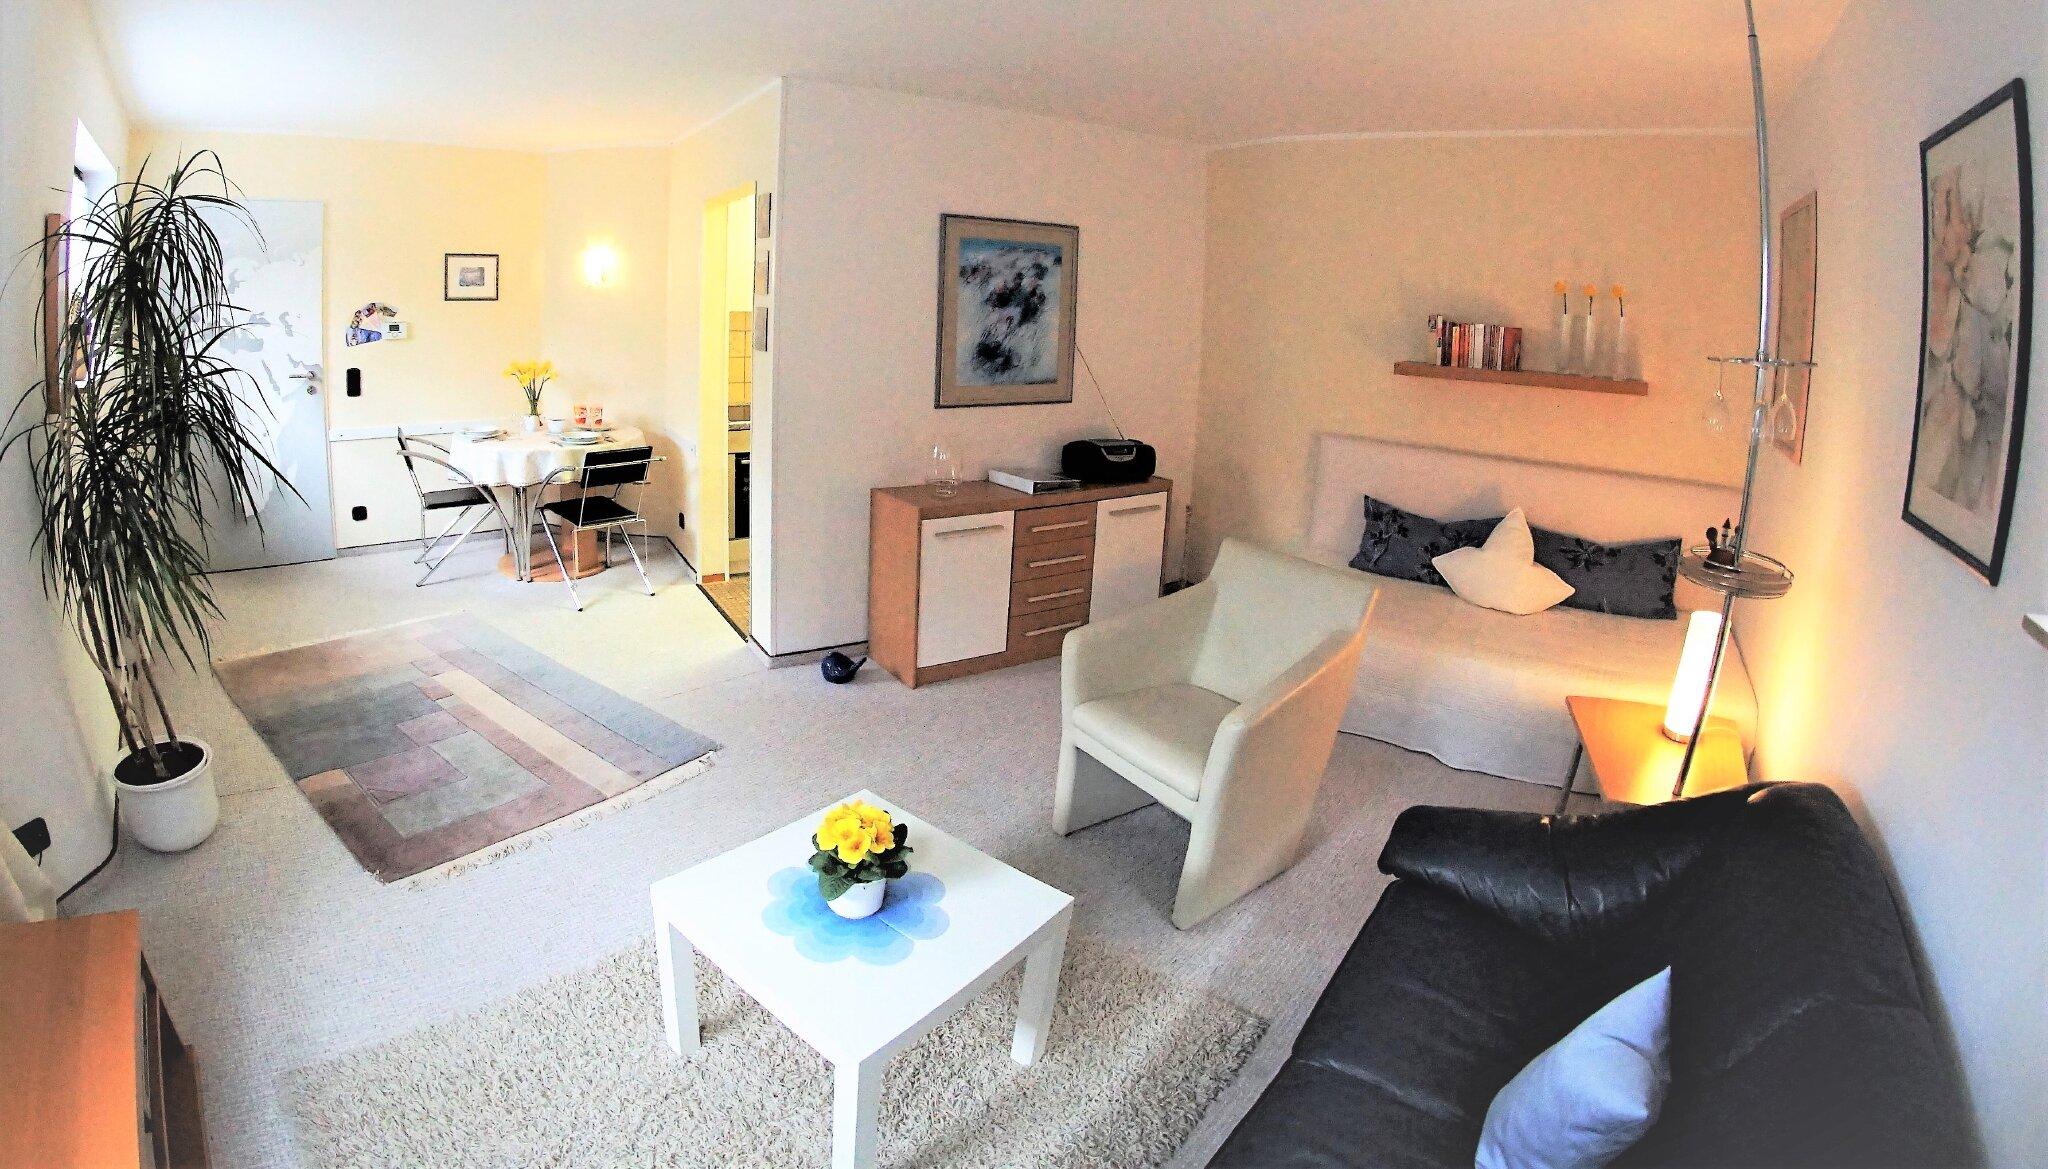 Wohnzimmer Sitzgelegenheiten und 3. Bett